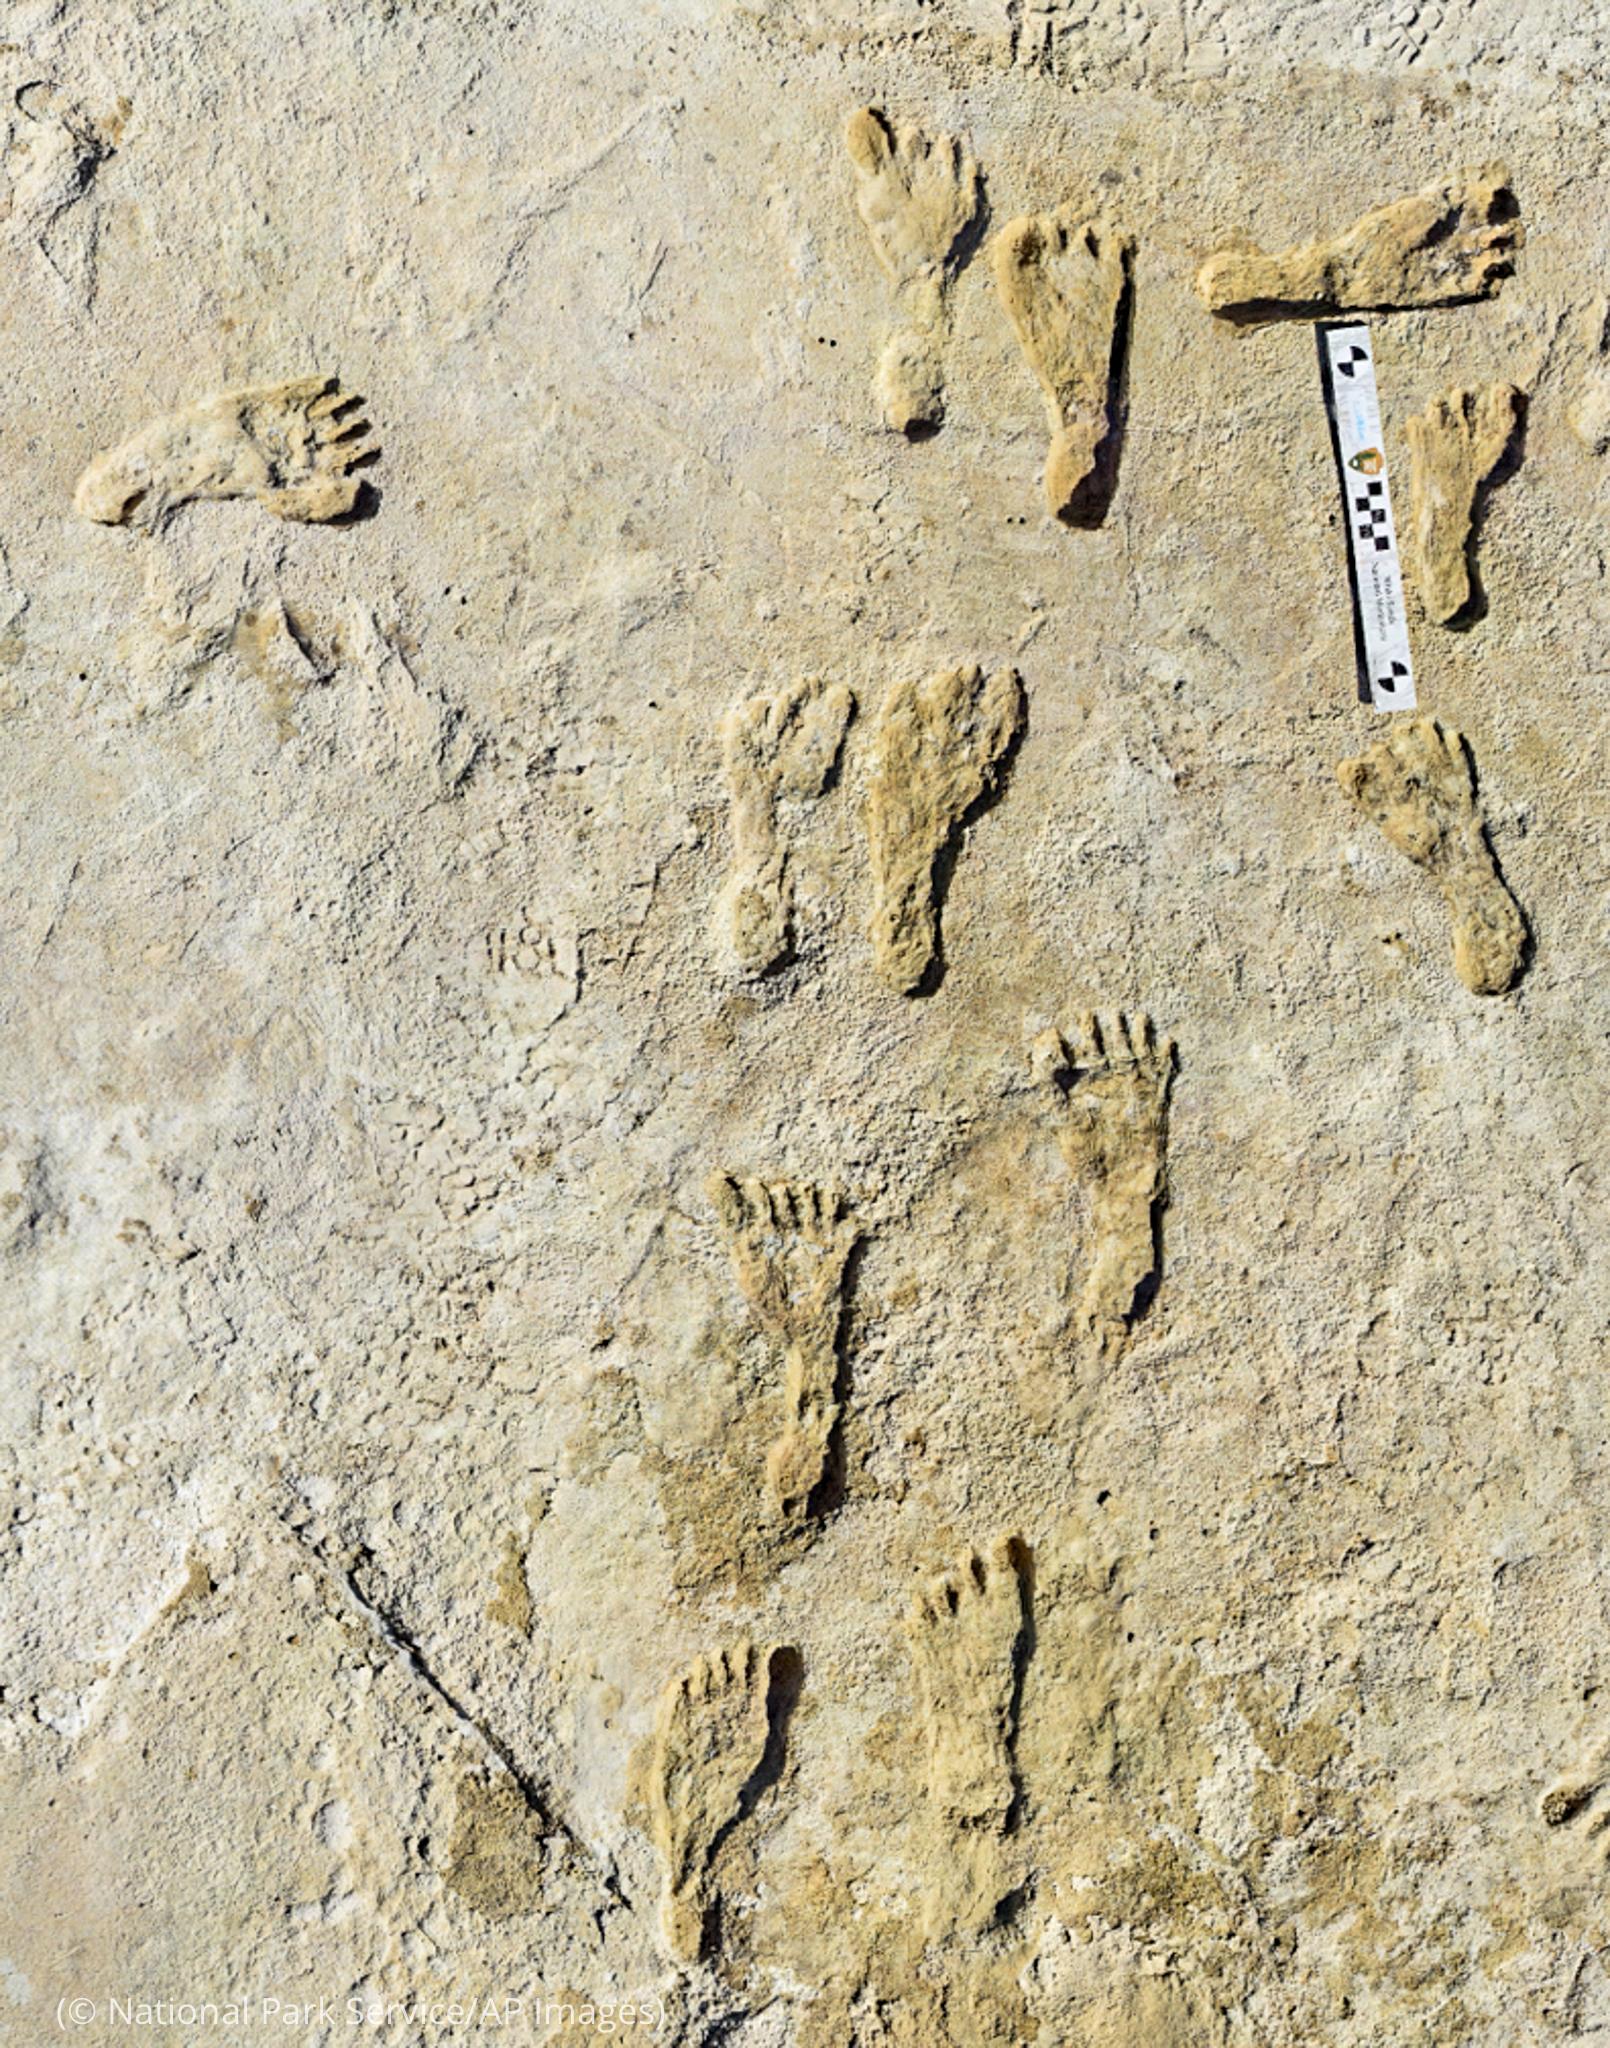 انسانی پاؤں کے نشانات کی تصویر۔ (© National Park Service/AP Images)